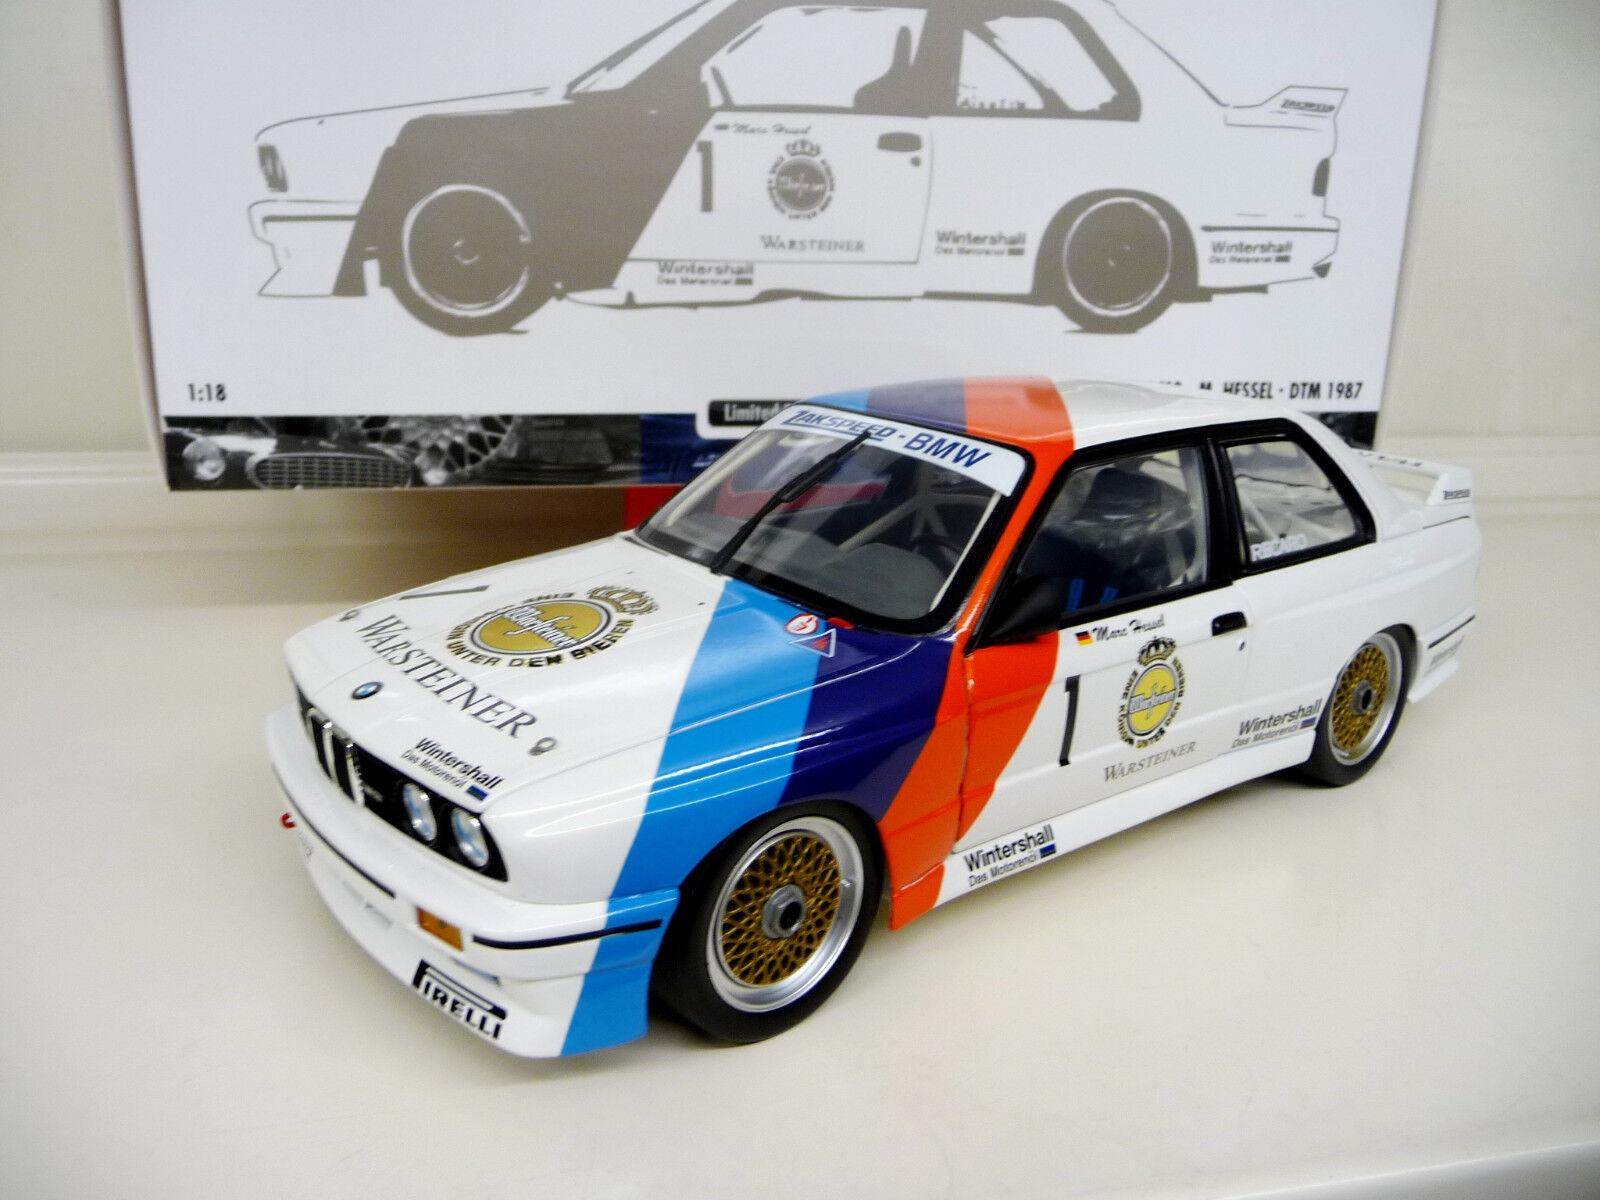 1:18 Minichamps Minichamps Minichamps BMW m3 e30 EVO DTM Zakspeed 1987 Nostalgique étais une #1 NEUF NEW   La Qualité Primacy  0001ca